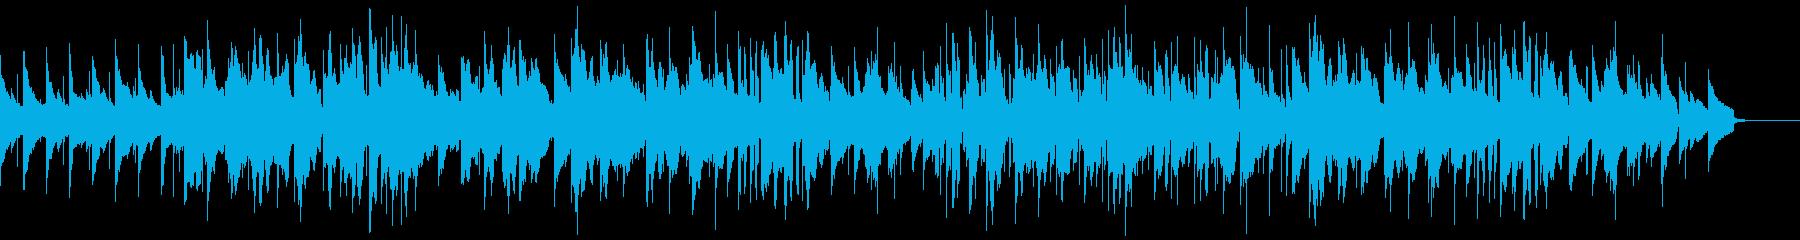 エレクトリックピアノのまどろみのひと時の再生済みの波形